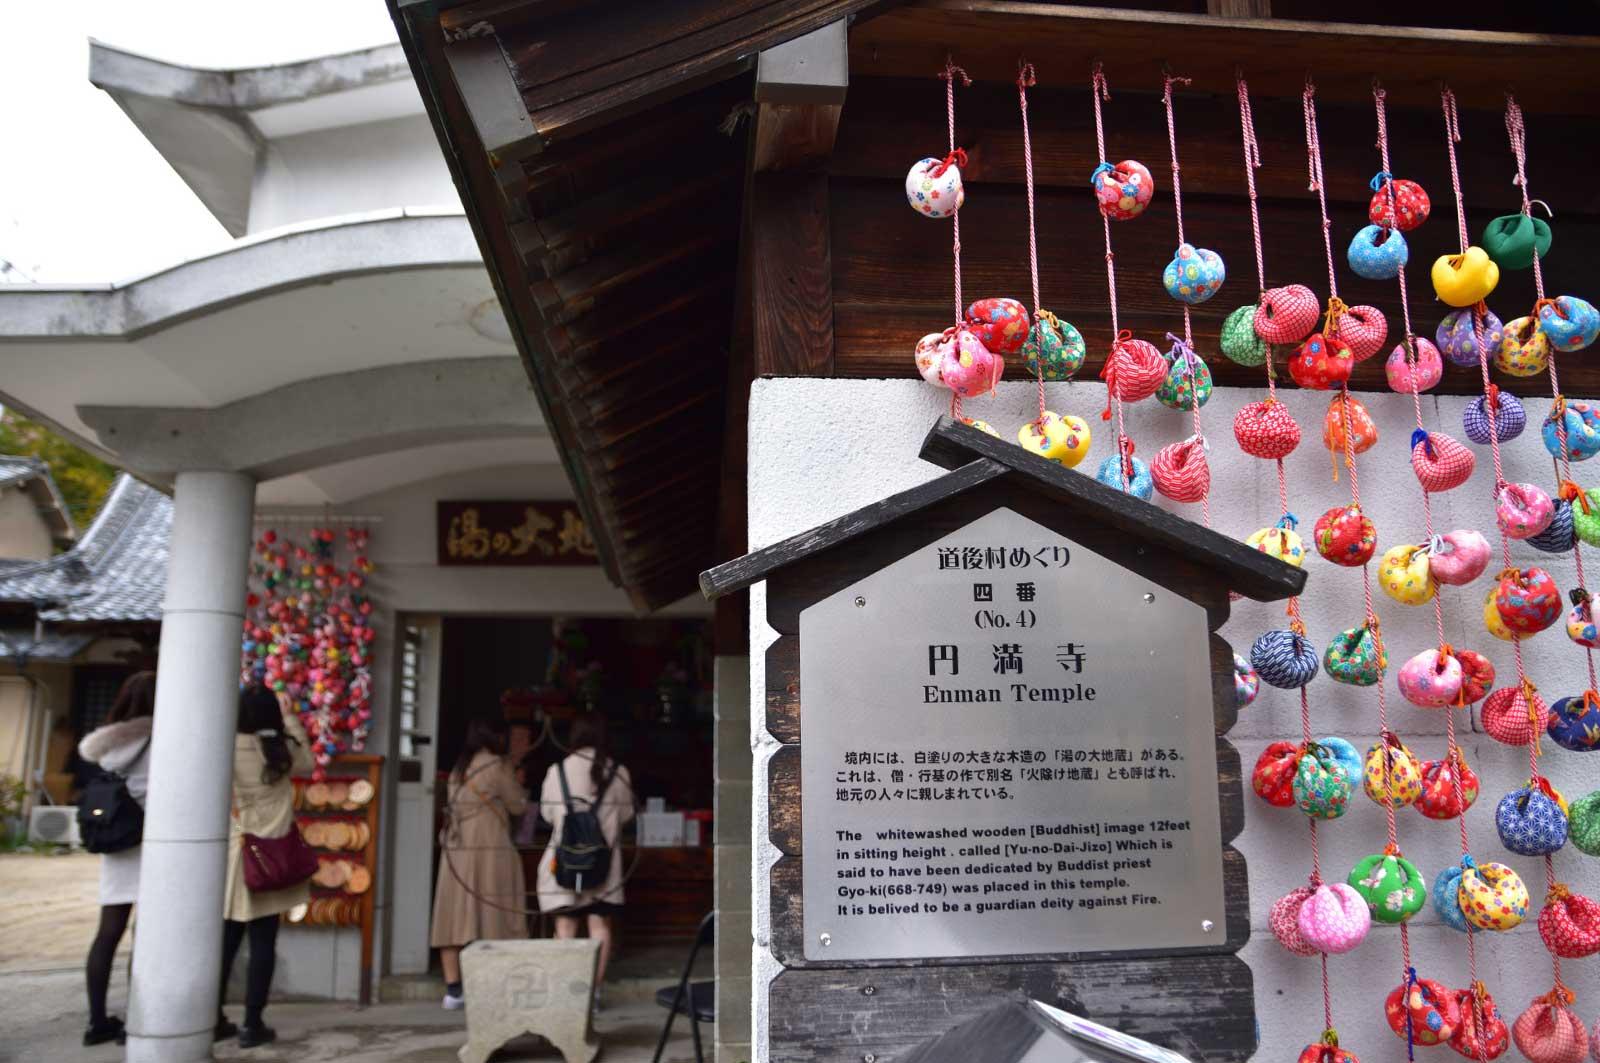 円満寺の由緒書き